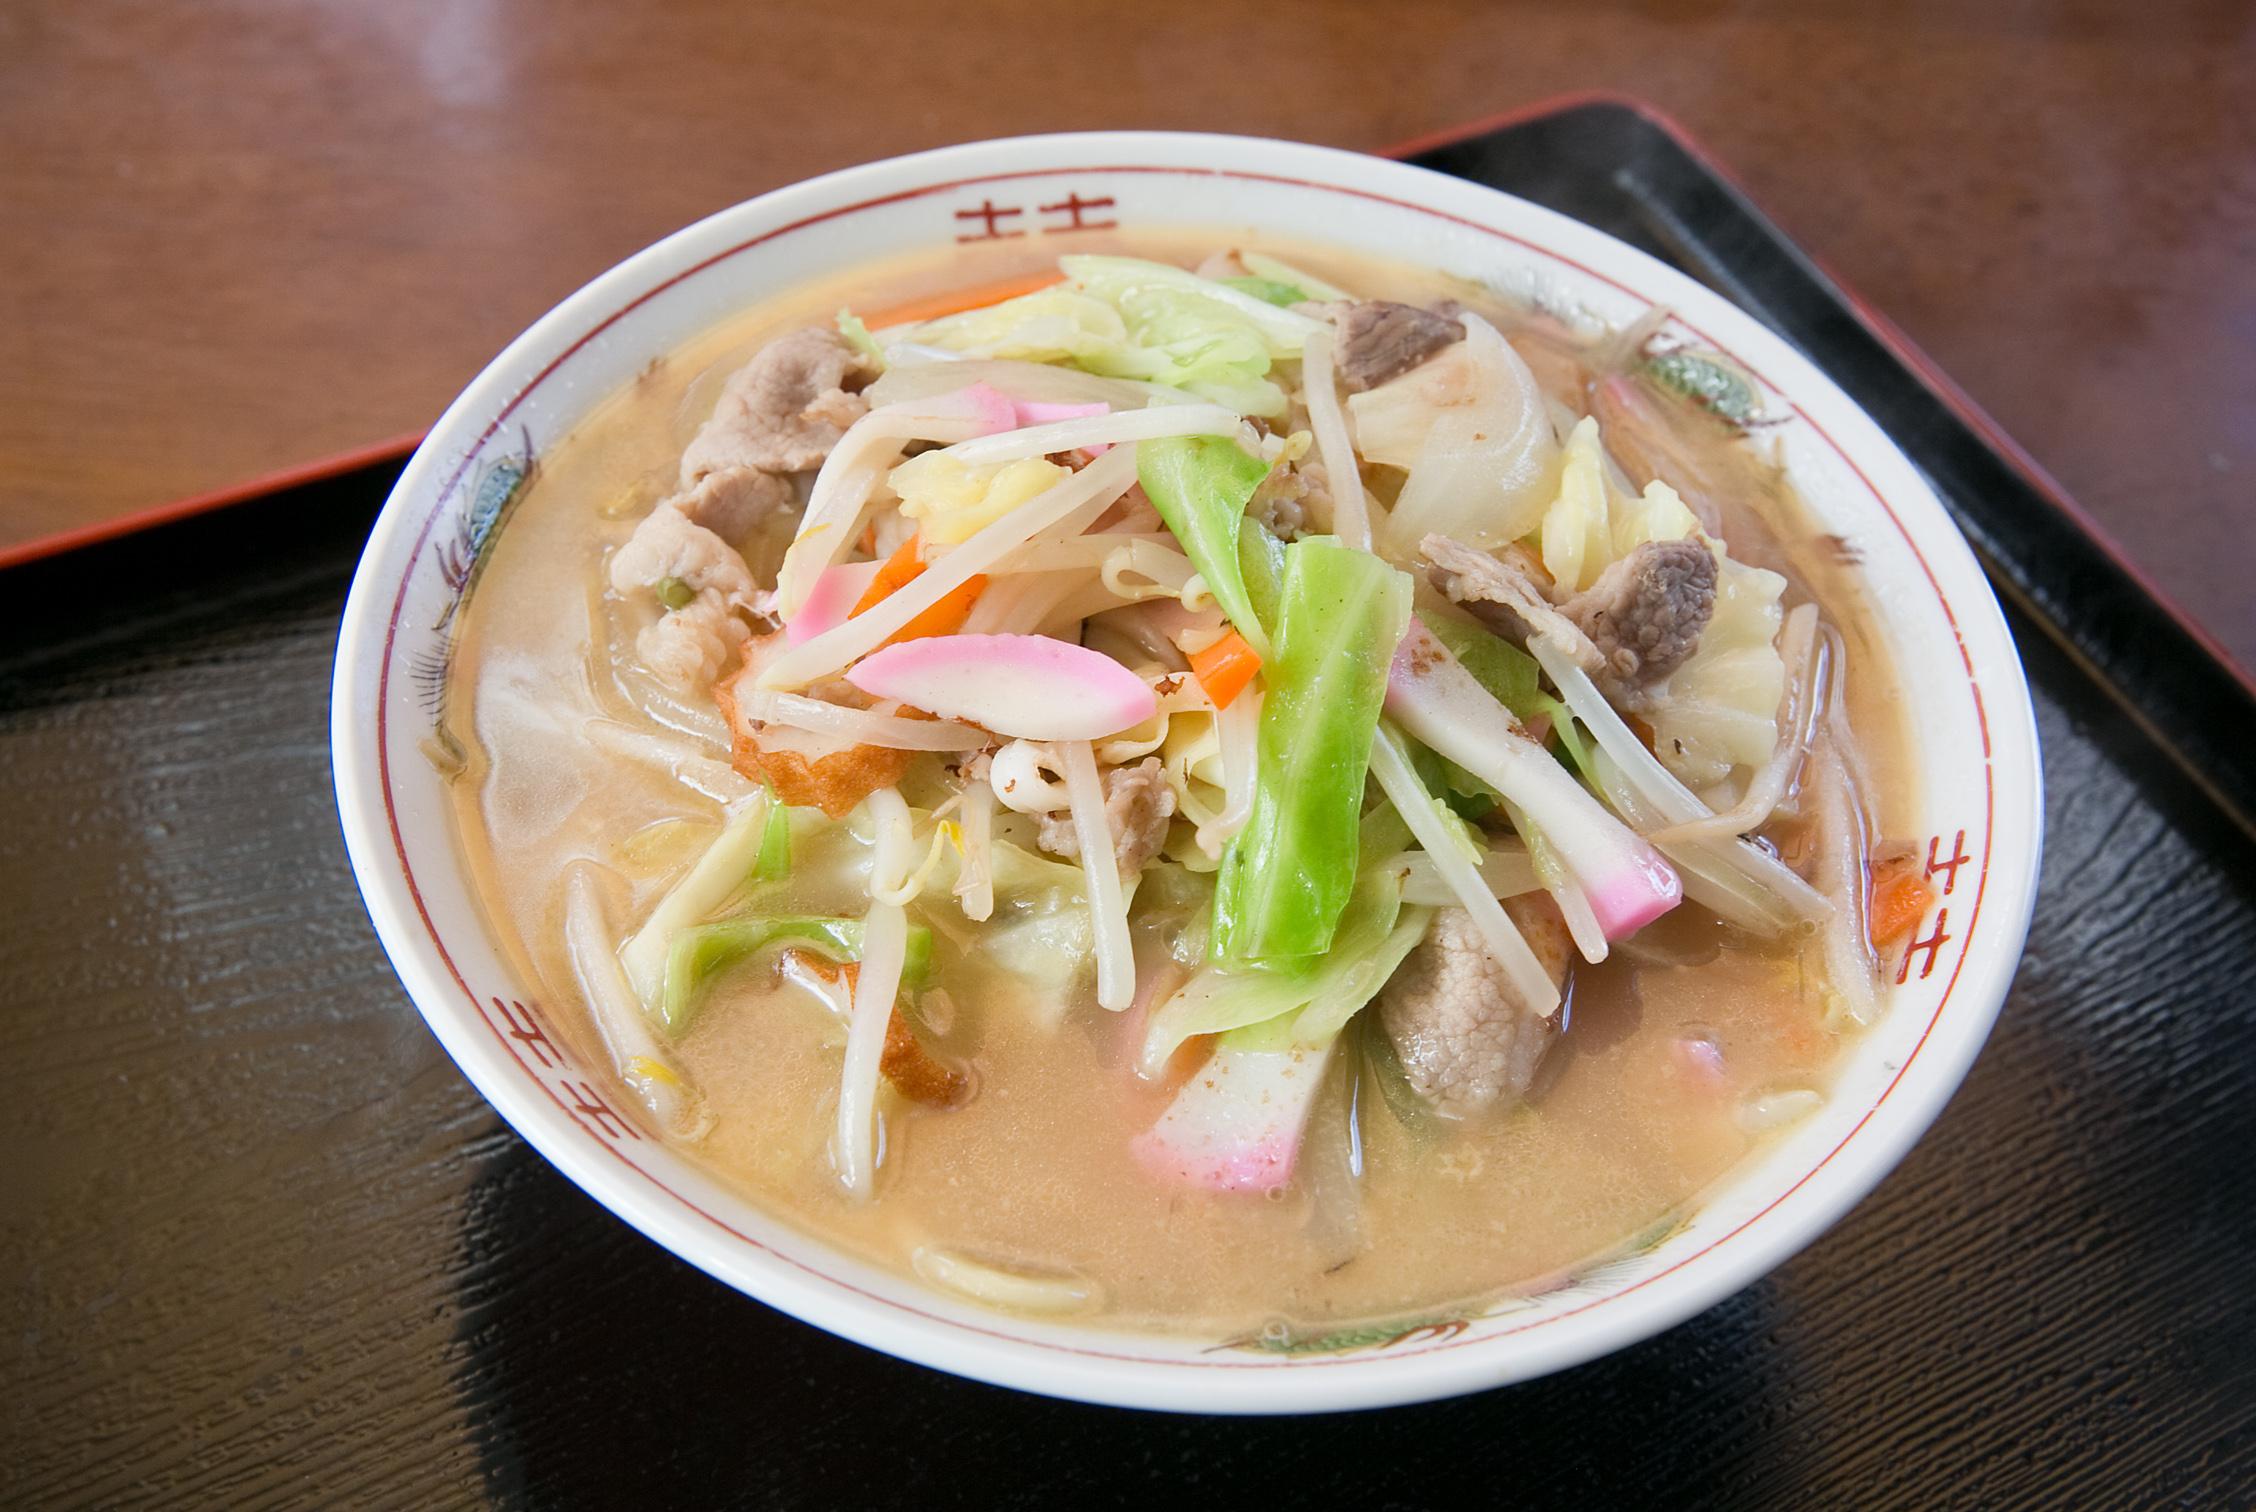 昔ながらのチャンポンの味は人気です。ありた鶏の唐揚げは塩コショウのみでジューシー。